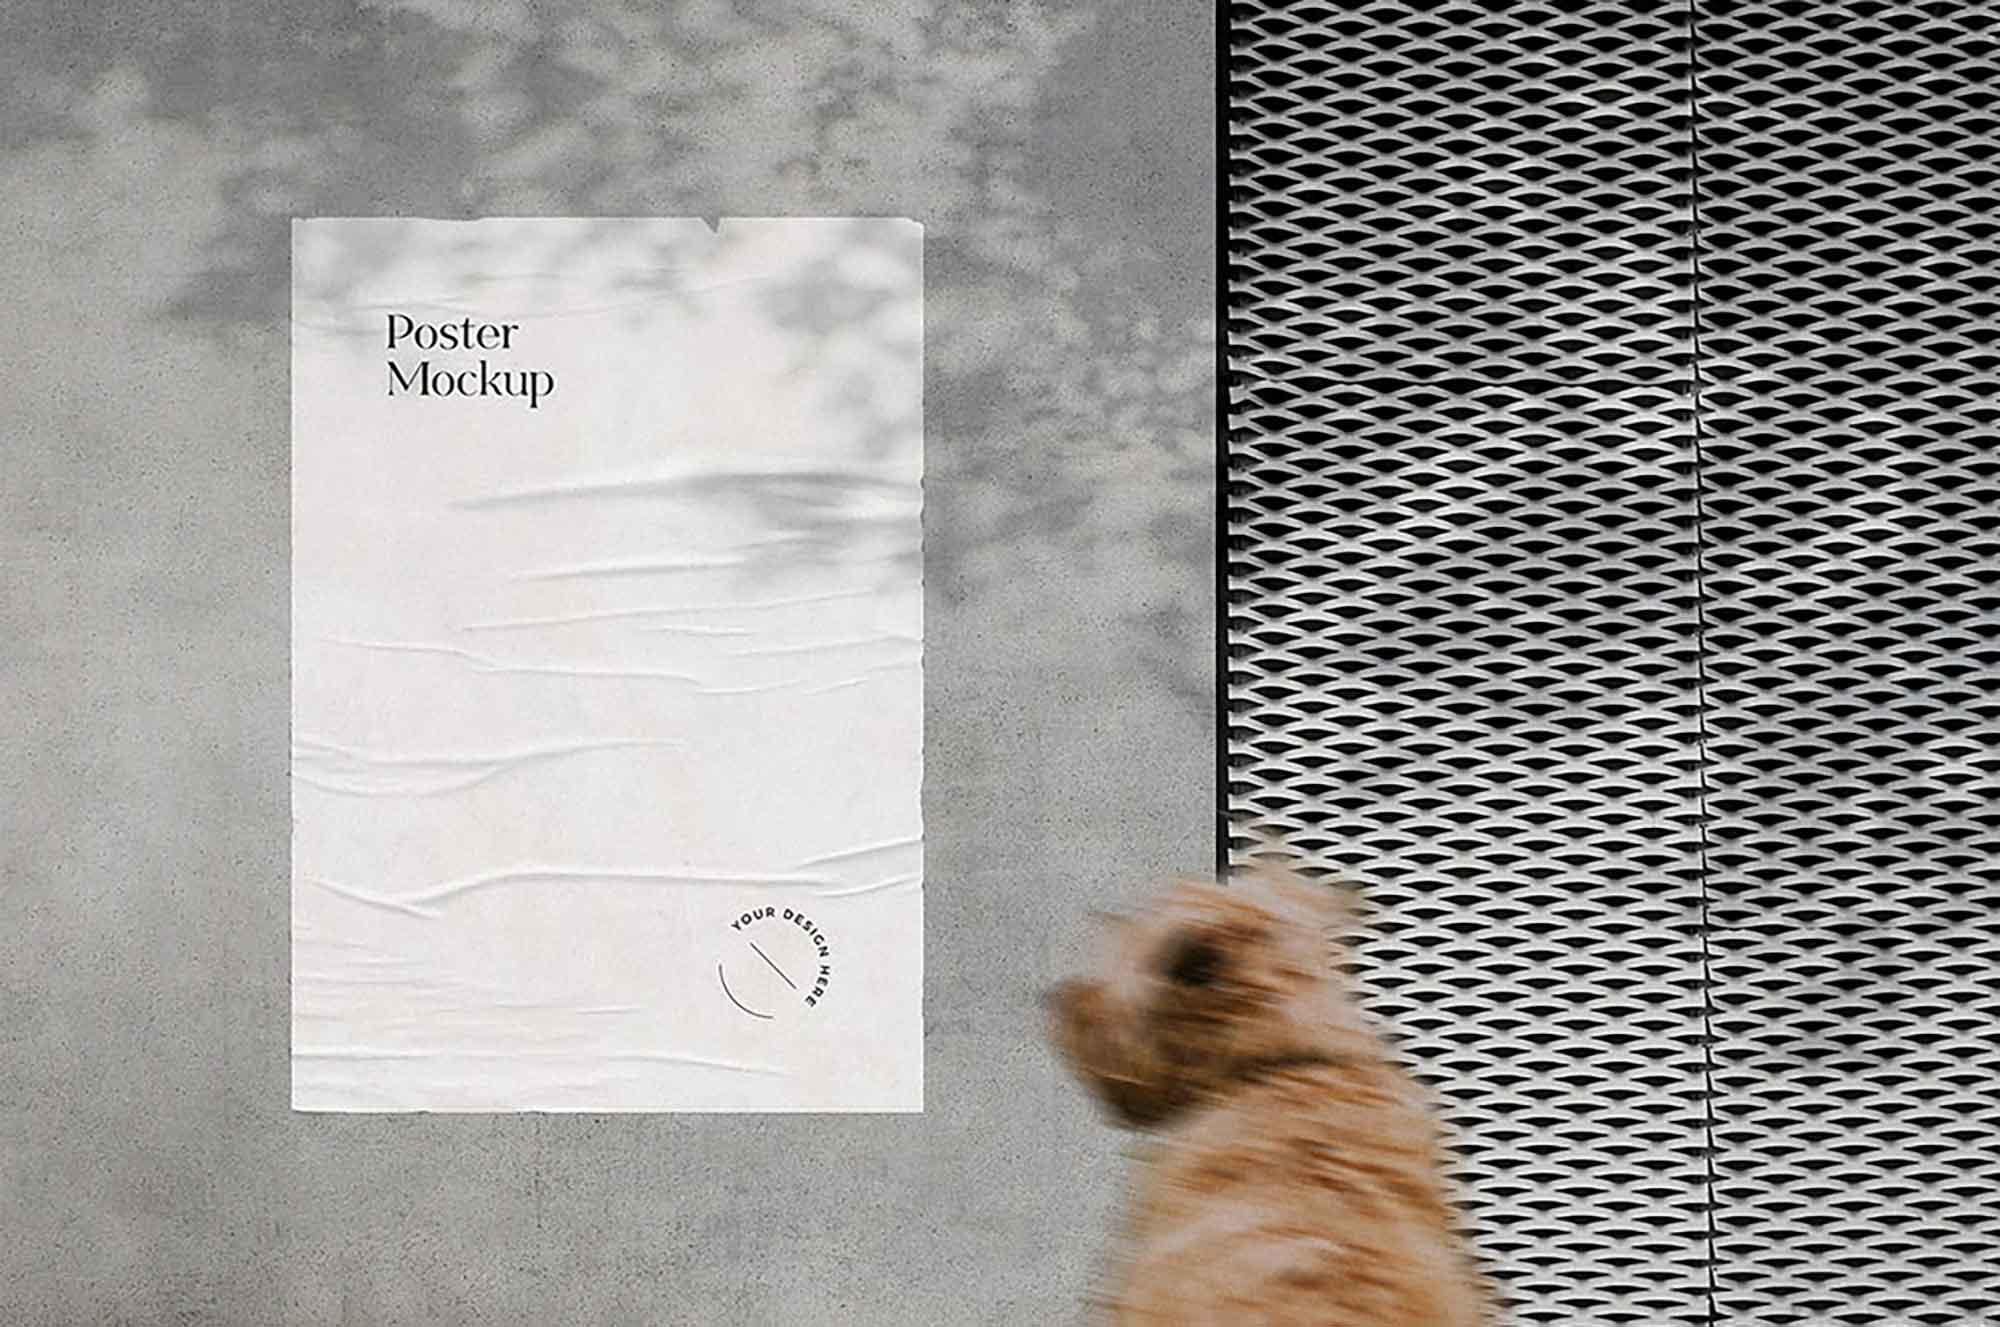 Glued Poster Mockup 2